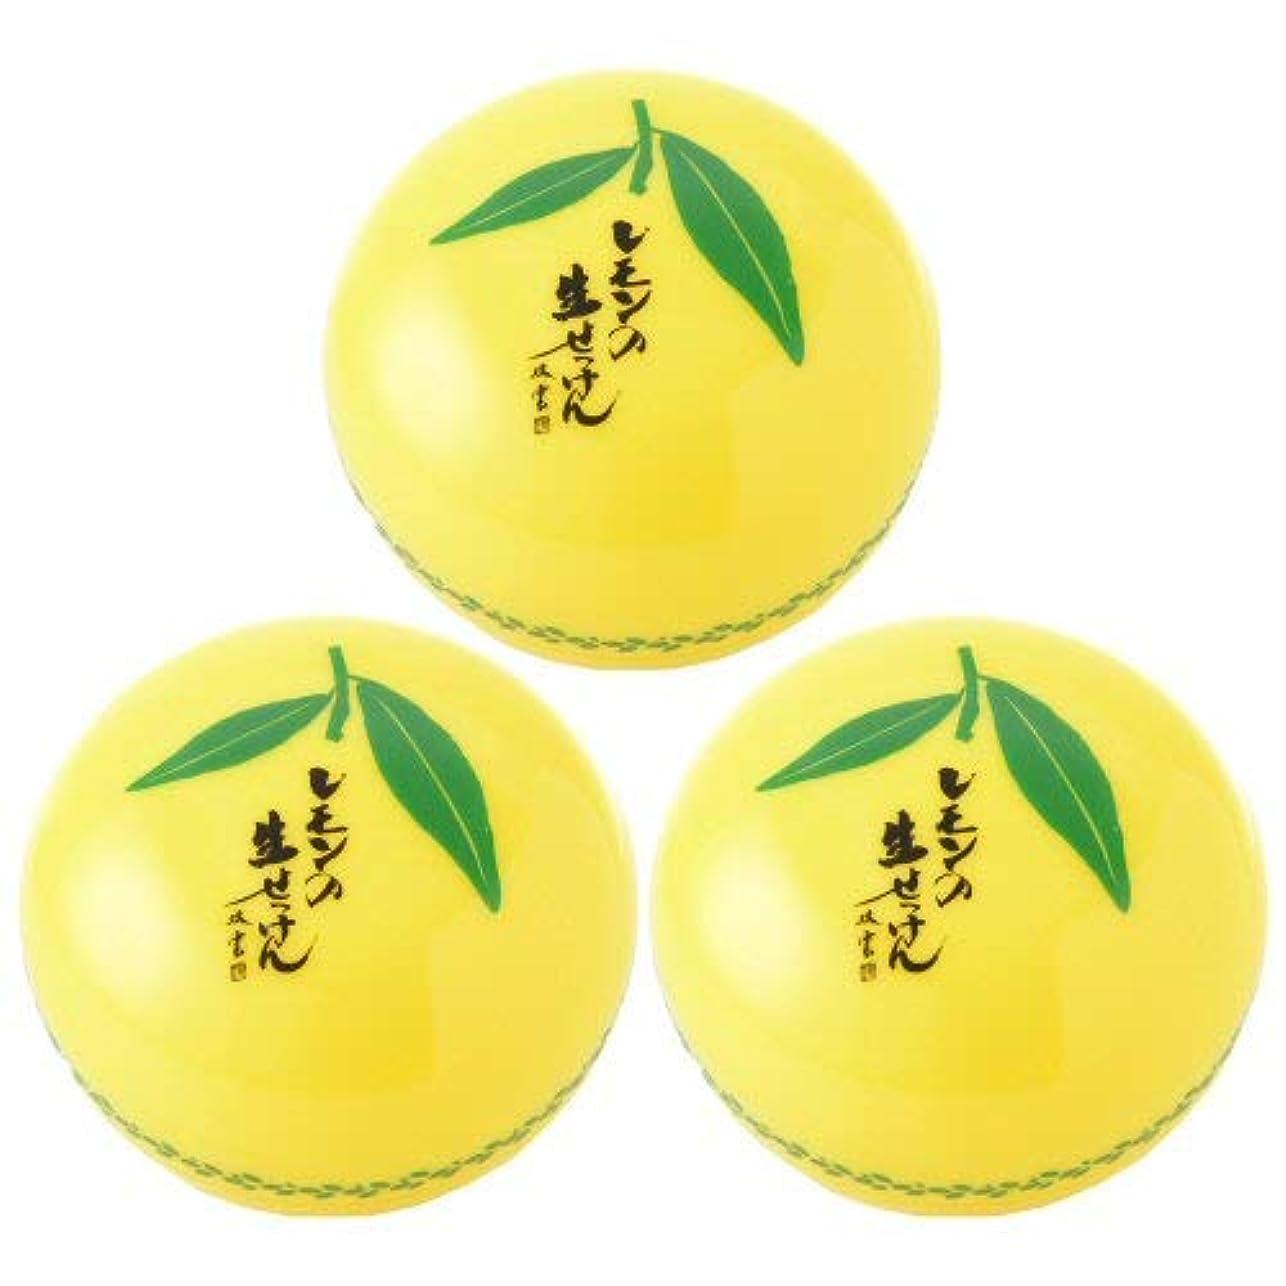 デモンストレーションスリーブ翻訳者UYEKI美香柑レモンの生せっけん120g×3個セット